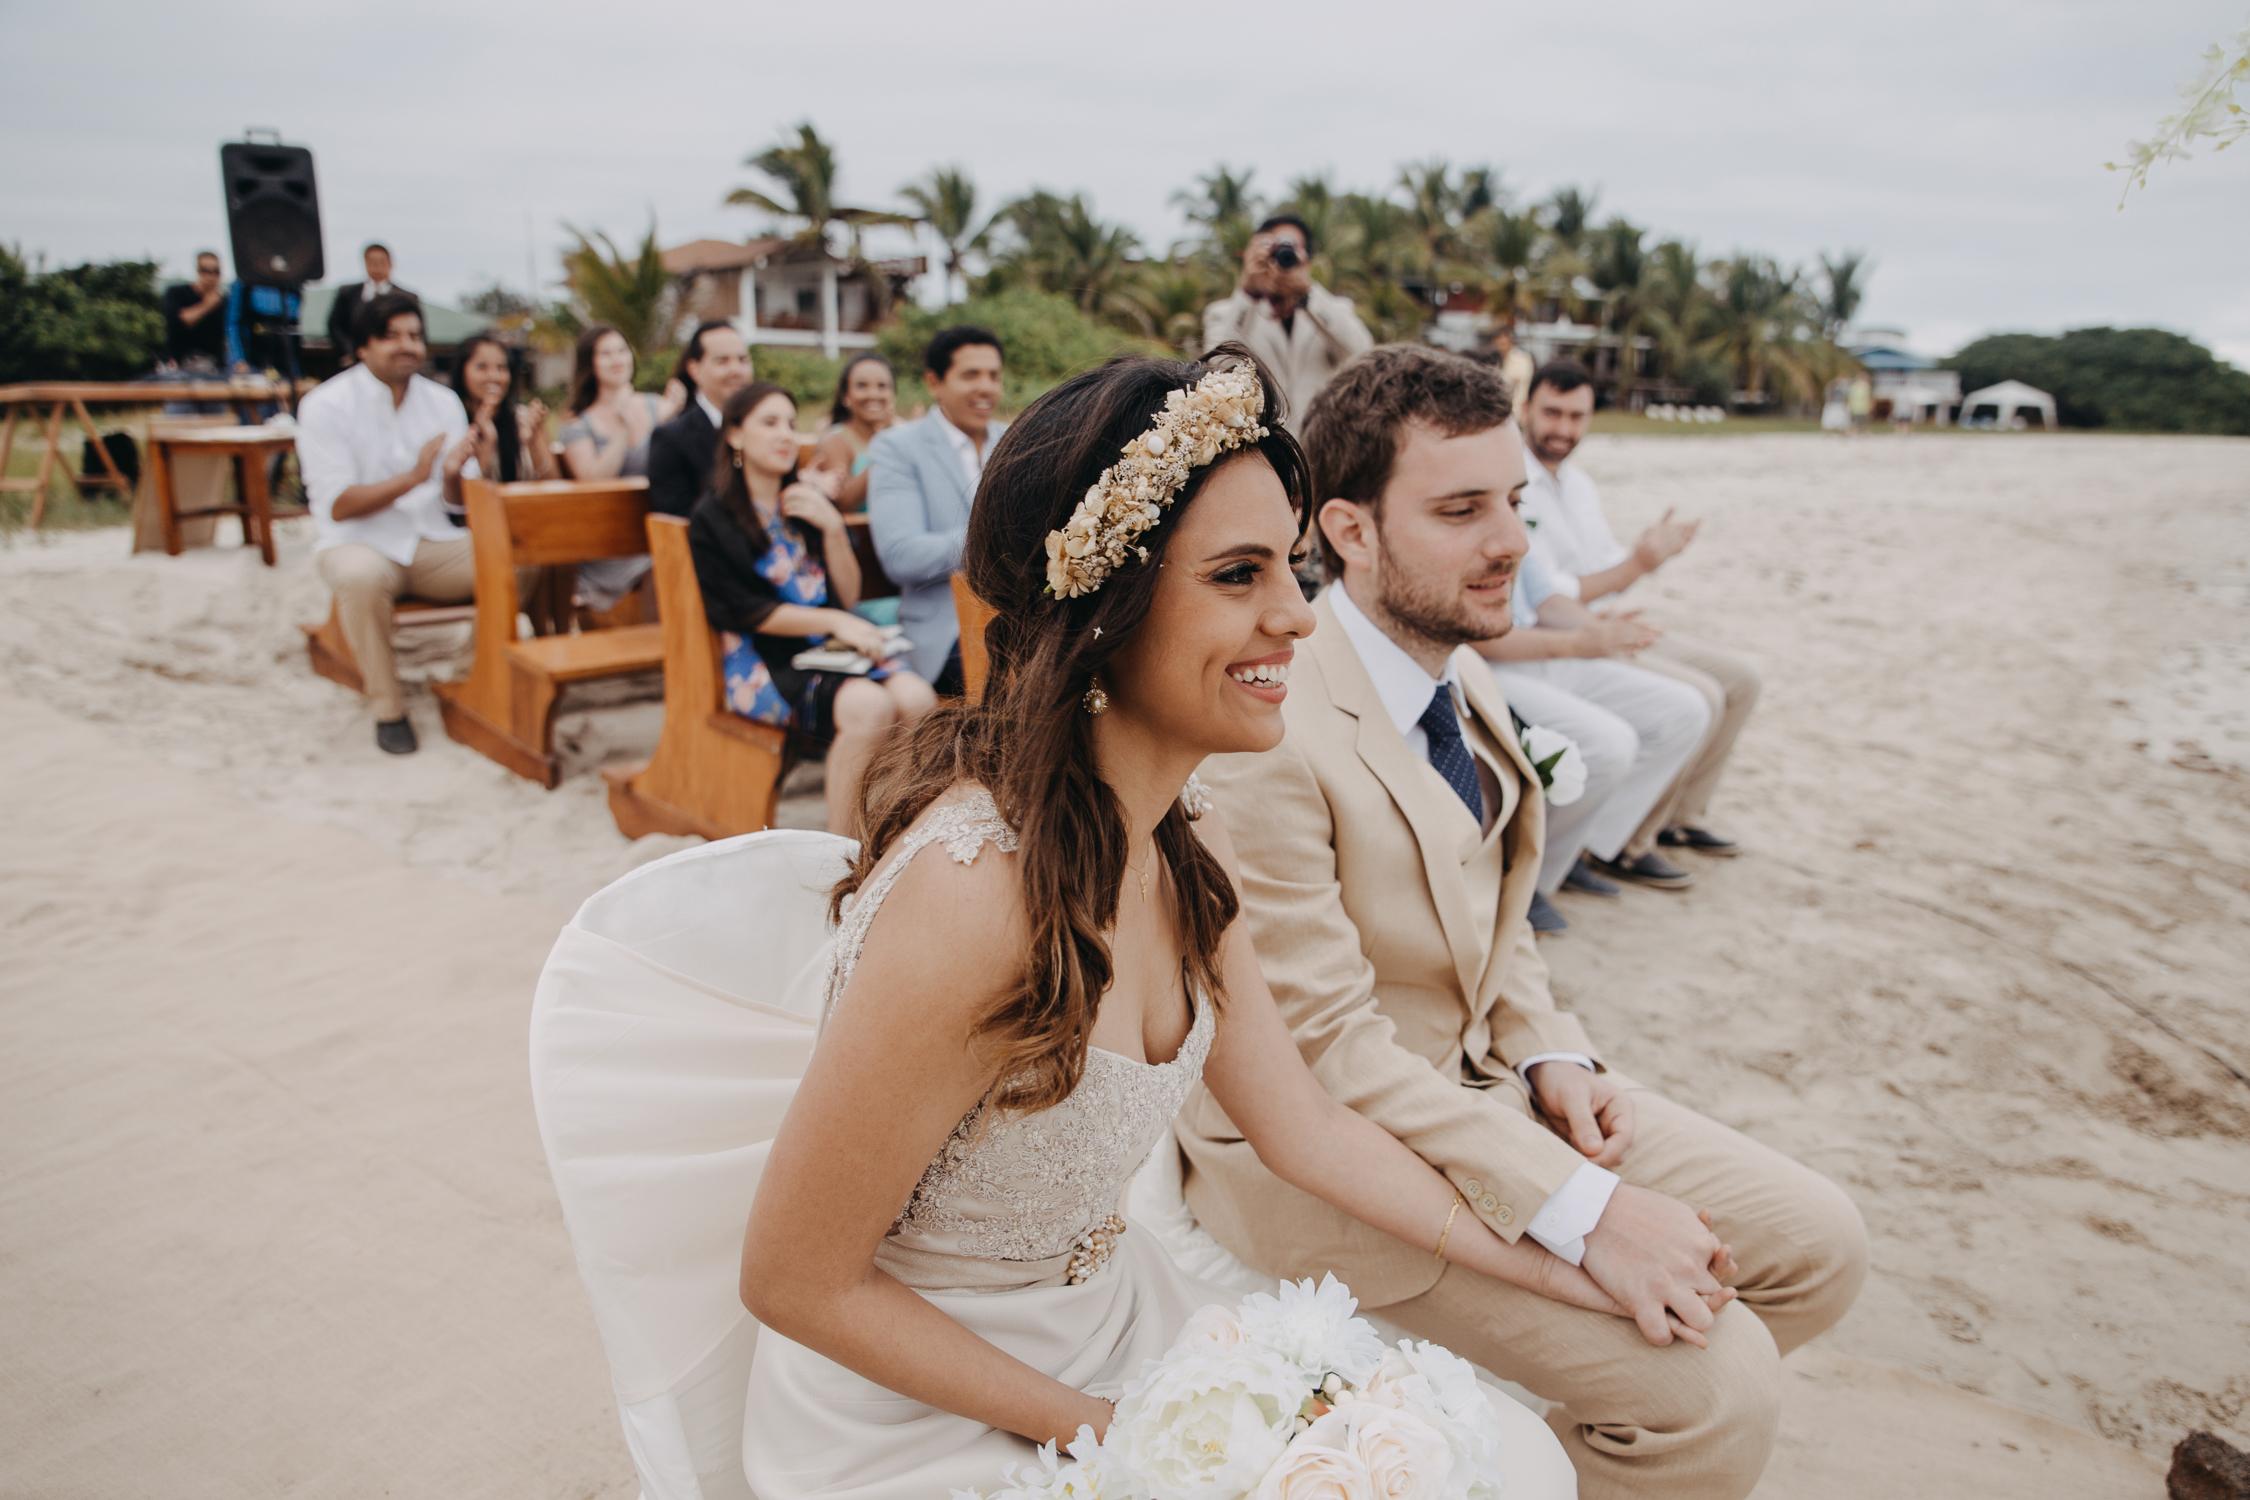 Michelle-Agurto-Fotografia-Bodas-Ecuador-Destination-Wedding-Photographer-Galapagos-Andrea-Joaquin-134.JPG